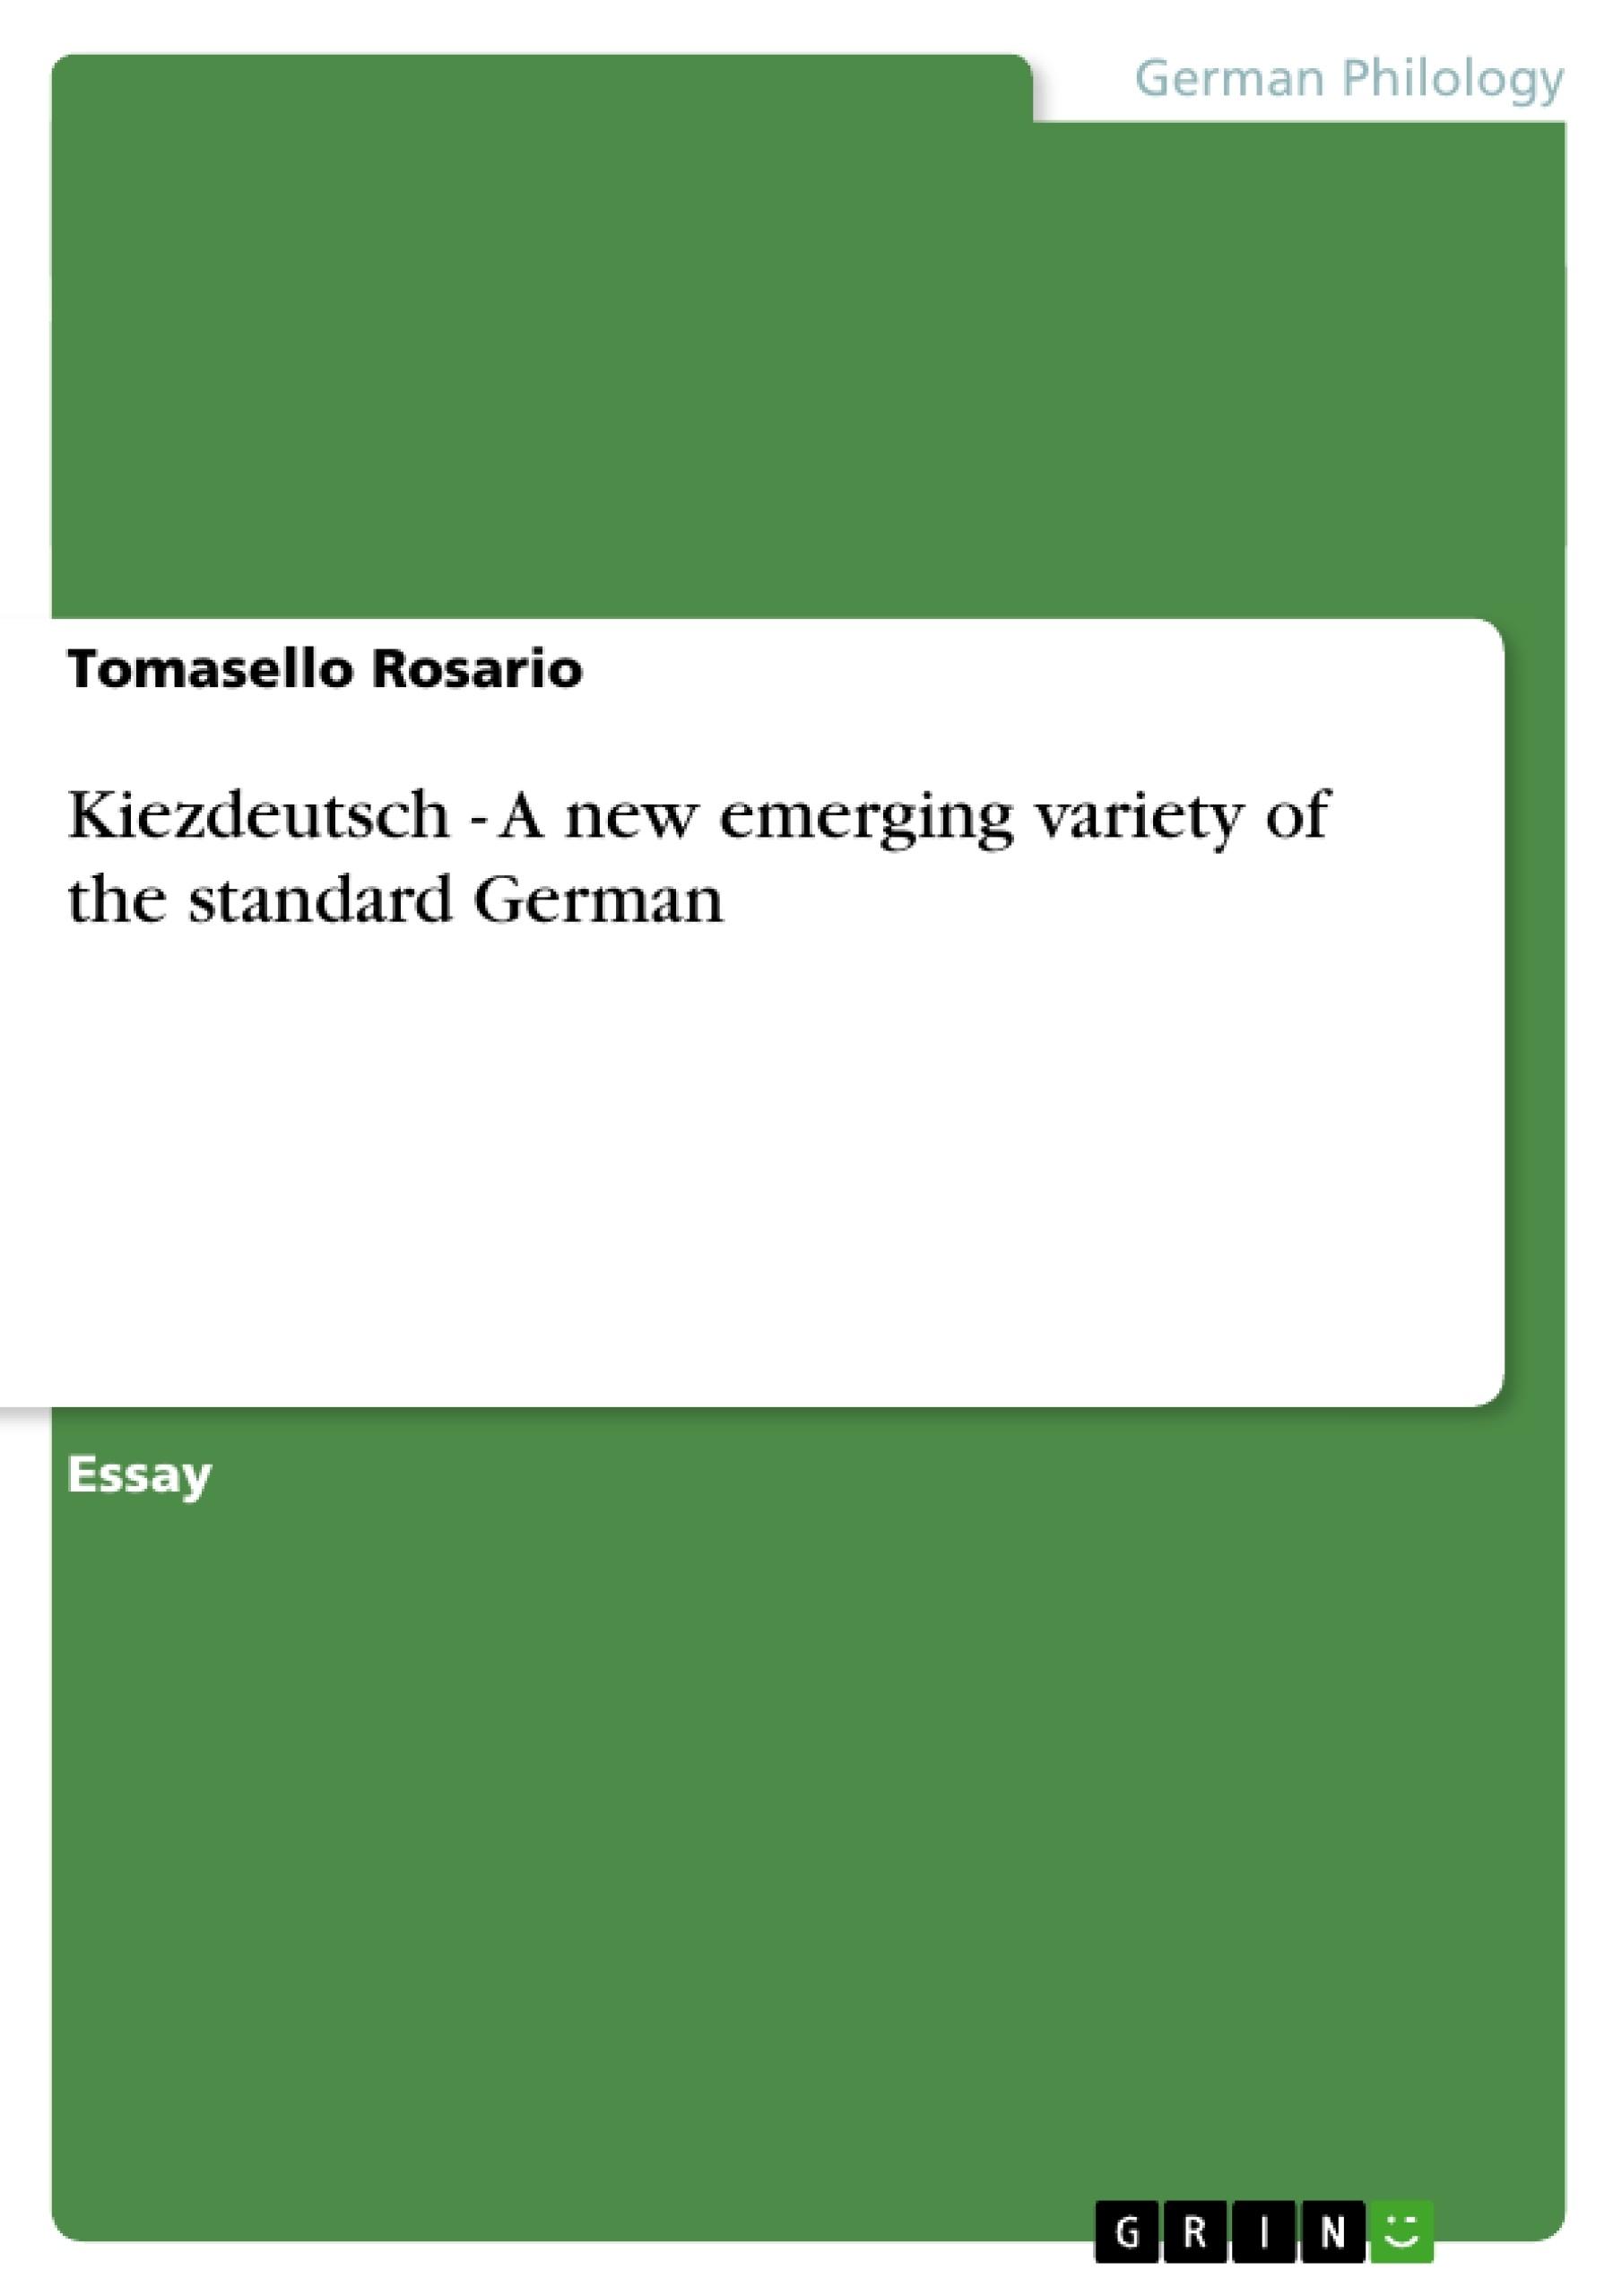 Title: Kiezdeutsch - A new emerging variety of the standard German